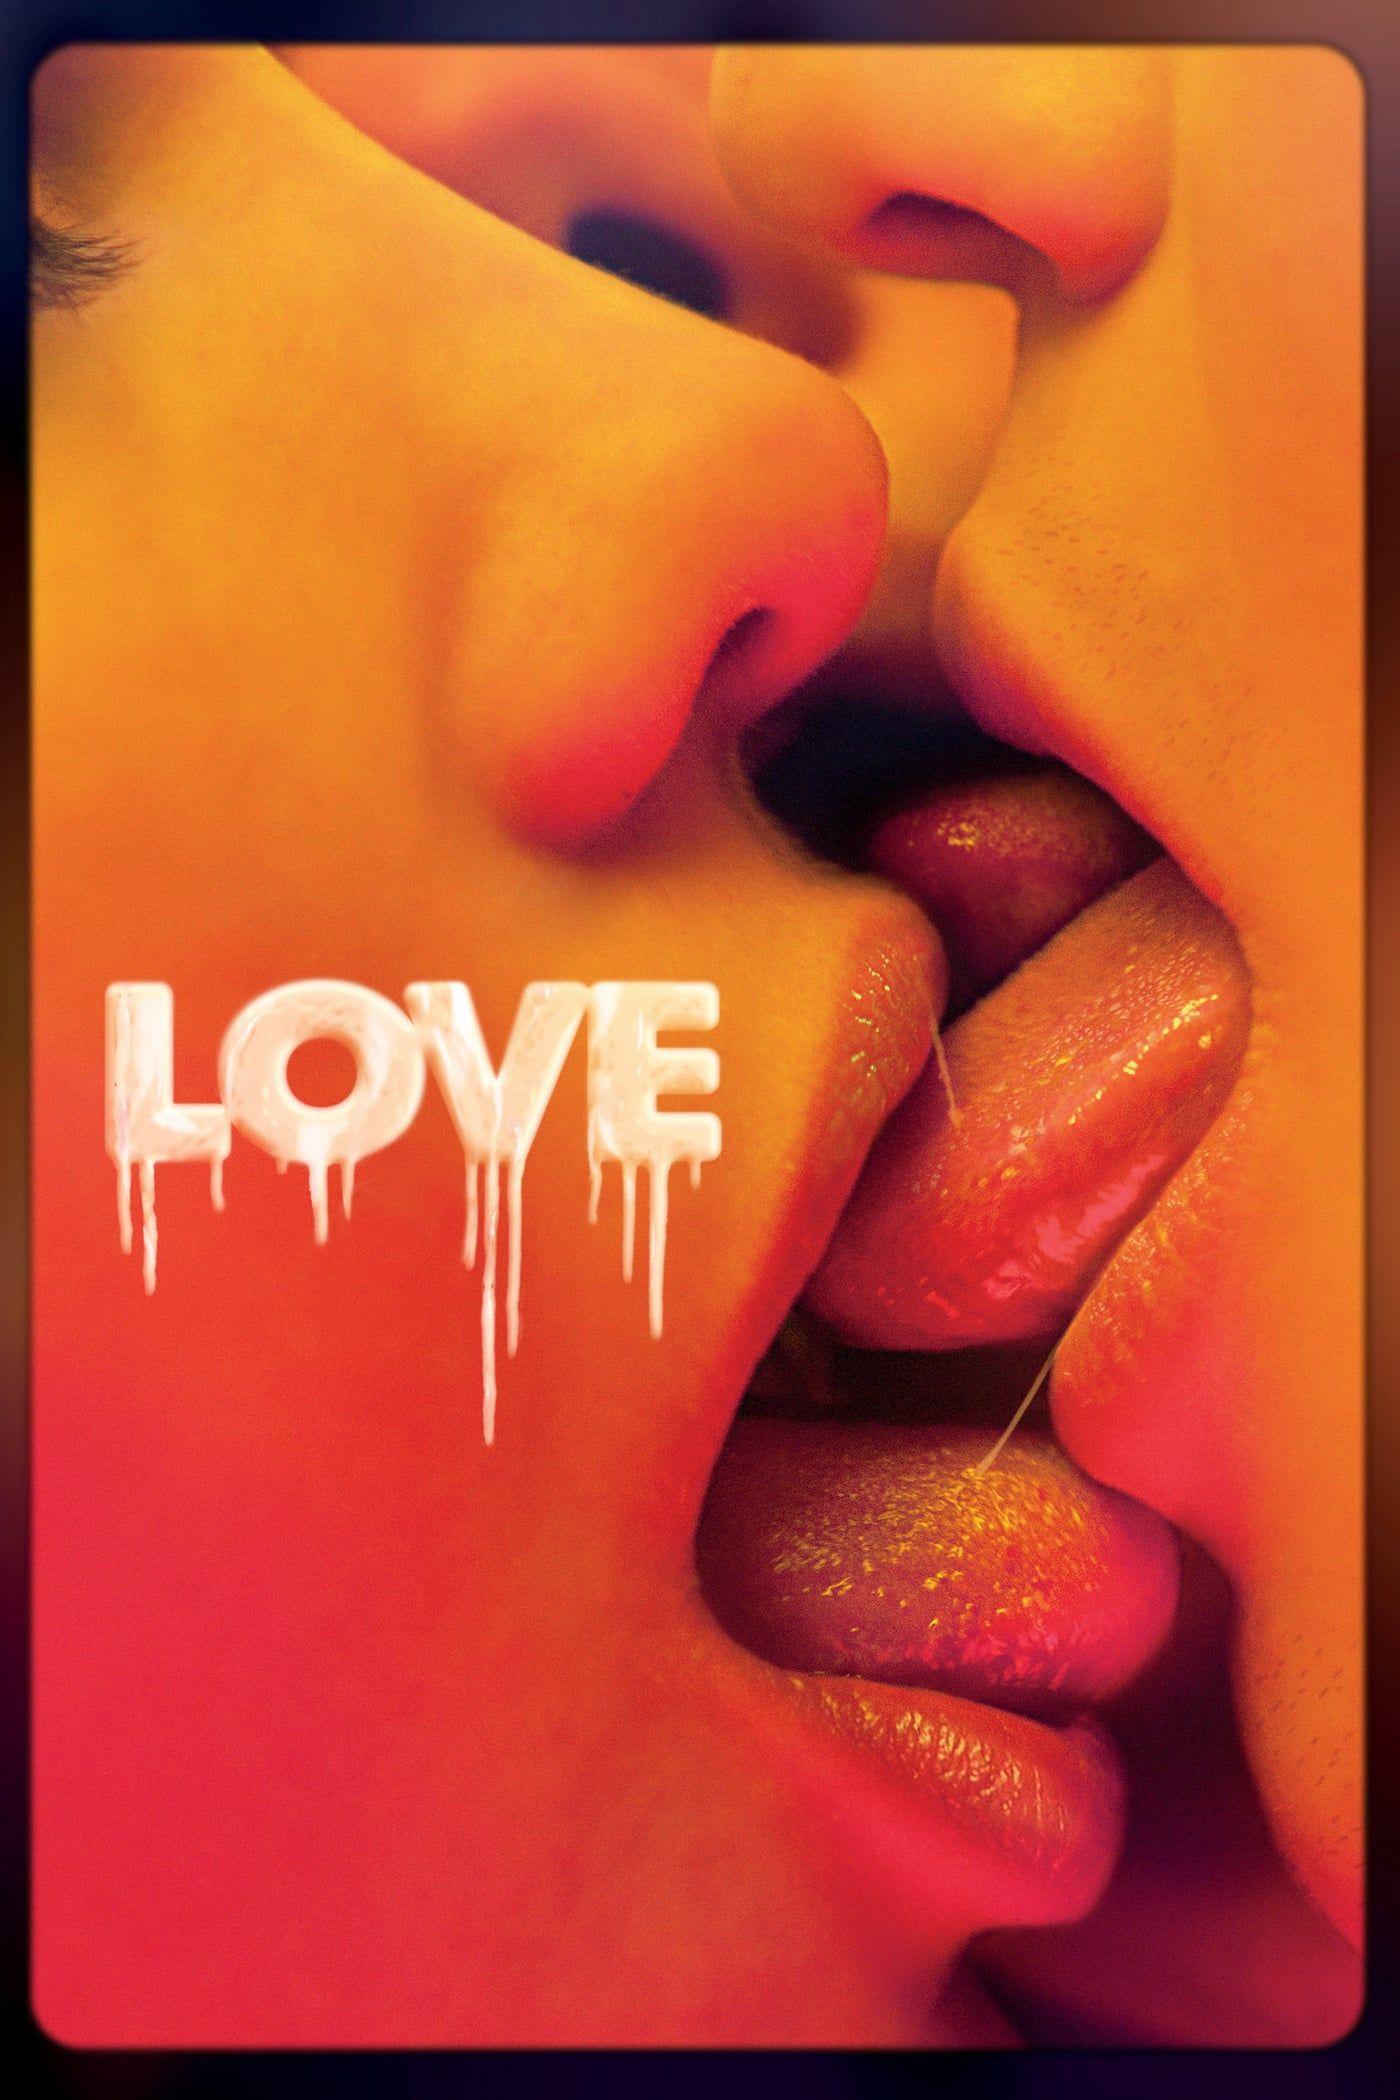 Love Gaspar Noe Películas Completas Gratis Películas Completas Nombres De Peliculas